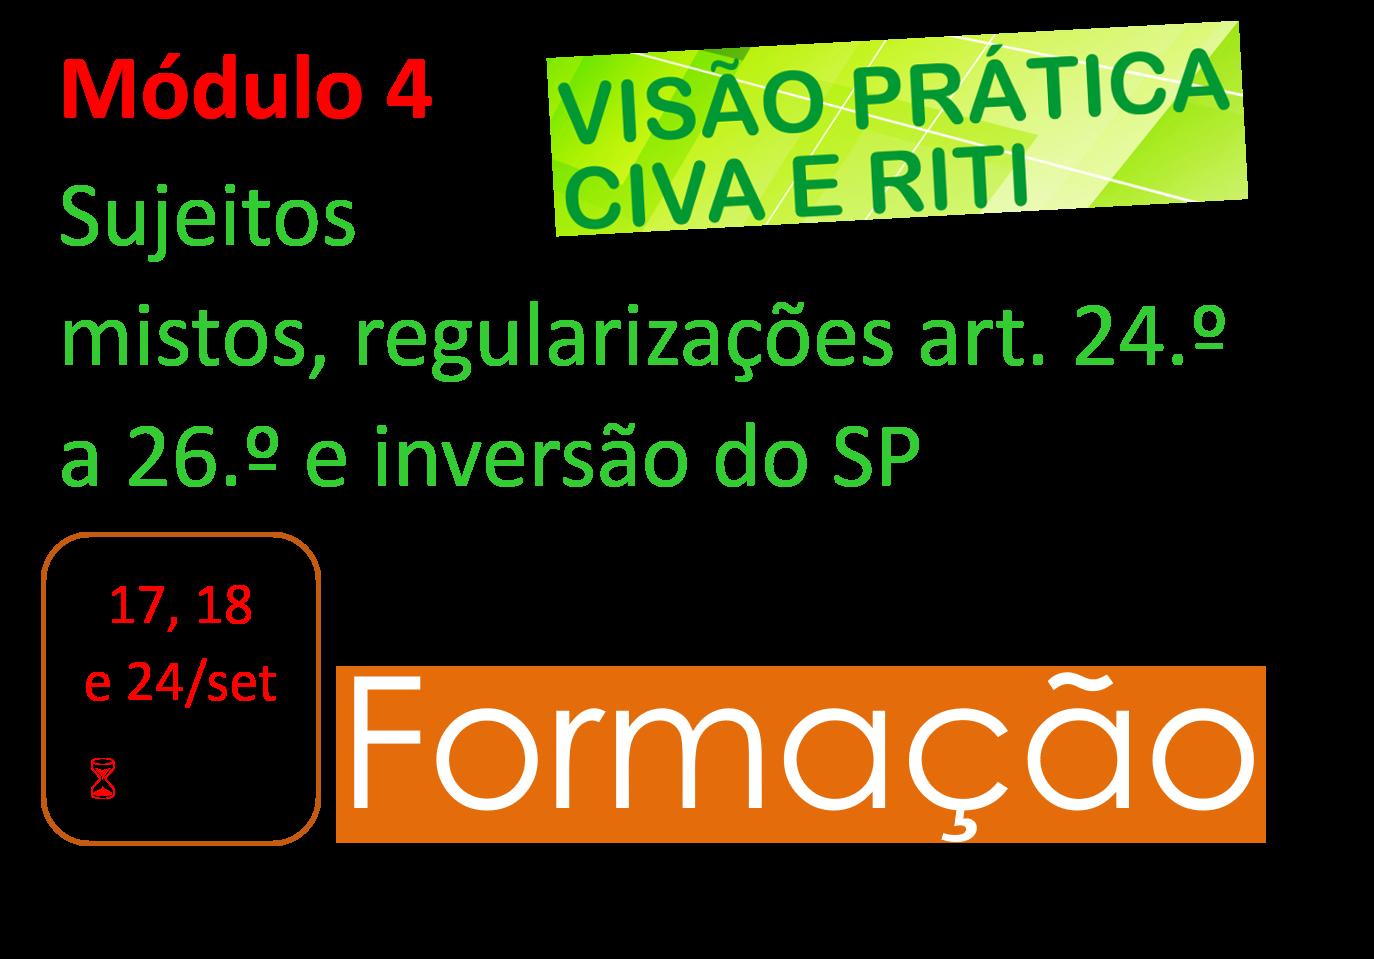 CIVA & RITI |  Módulo 4 – Sujeitos mistos, regularizações art. 24.º a 26.º e inversão do SP